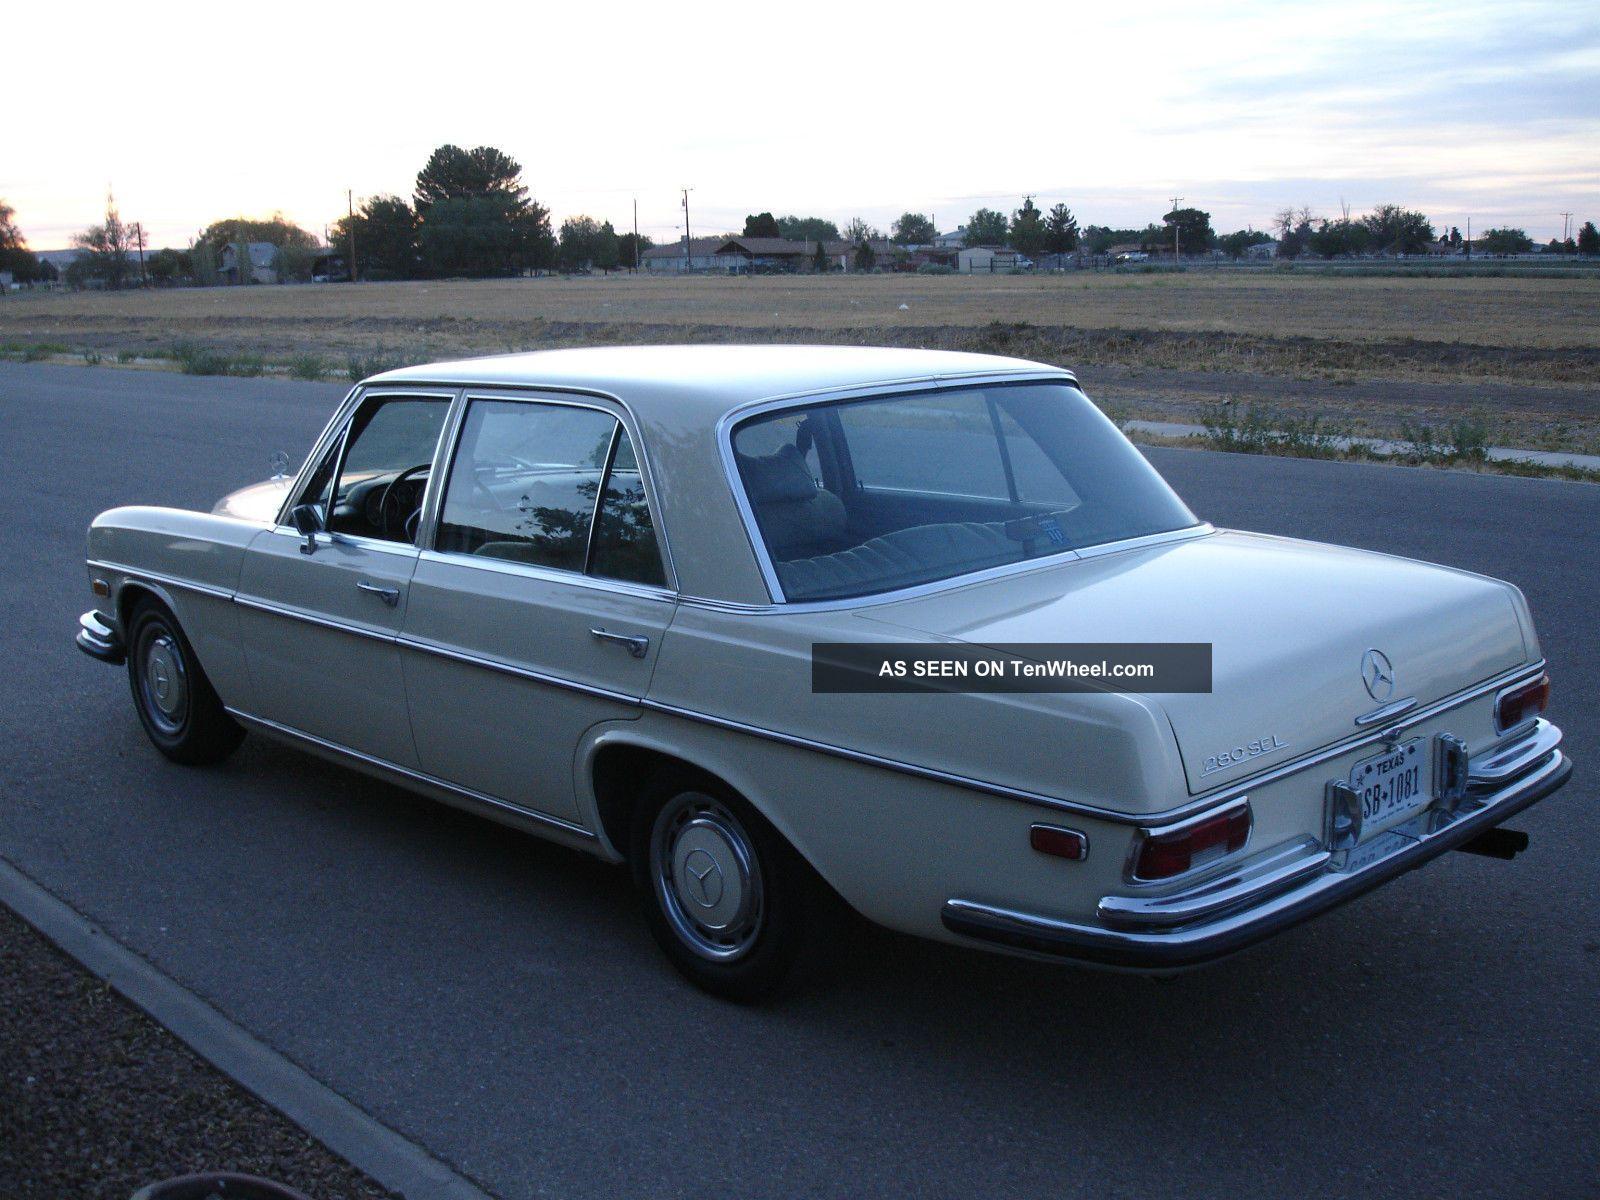 1970 mercedes 280 se 8 model w108. Black Bedroom Furniture Sets. Home Design Ideas